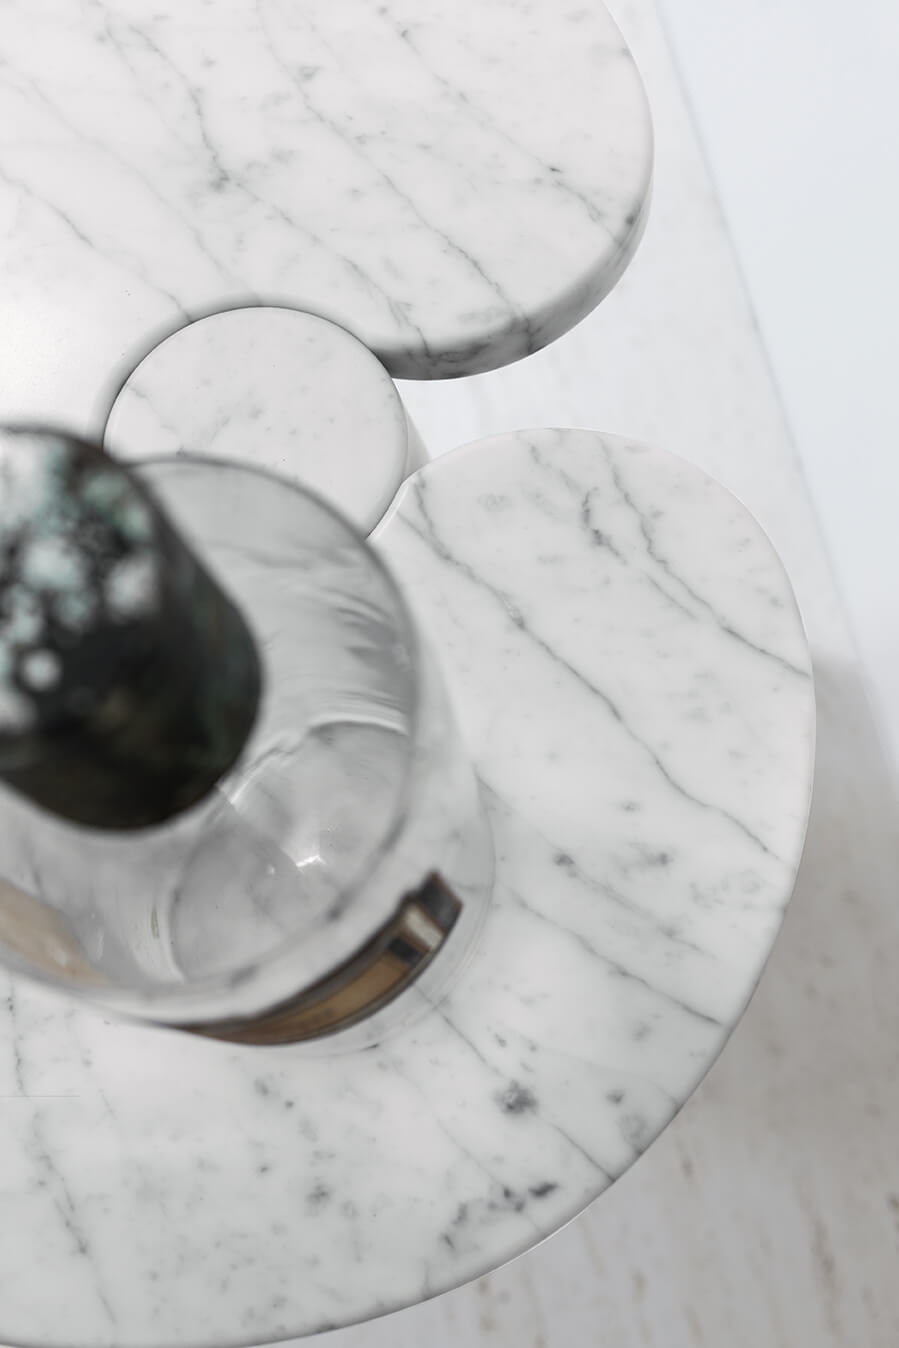 TinnappleMetz-agapecase-mangiarotti-Eros-Round-Side-Table-02